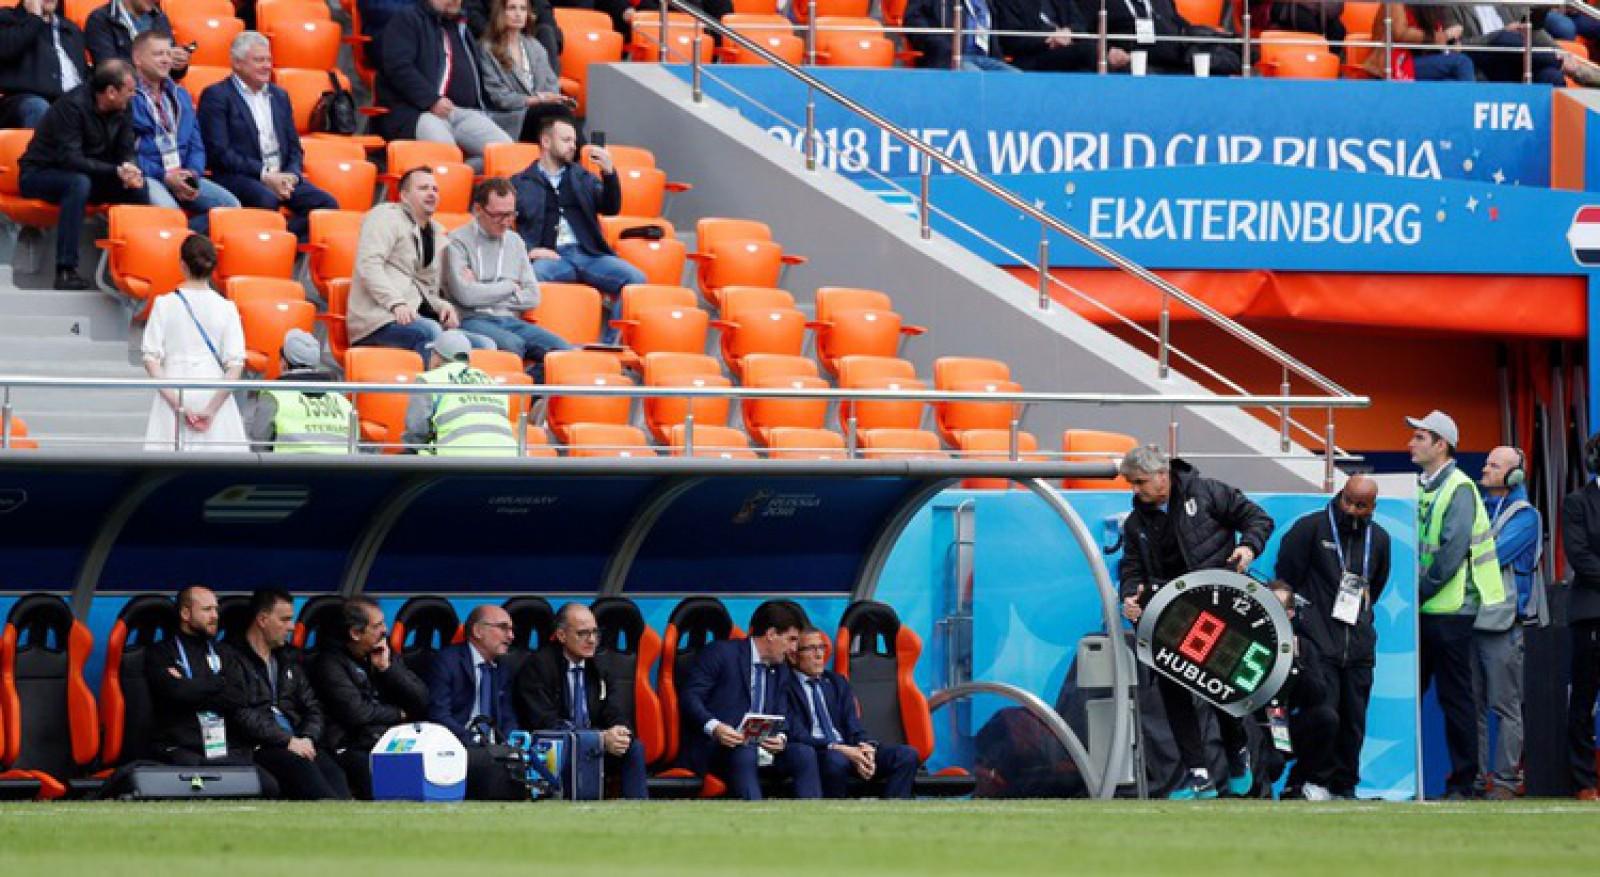 Fani din Rusia, nemulțumiți de existența locurilor goale la Campionatul Mondial